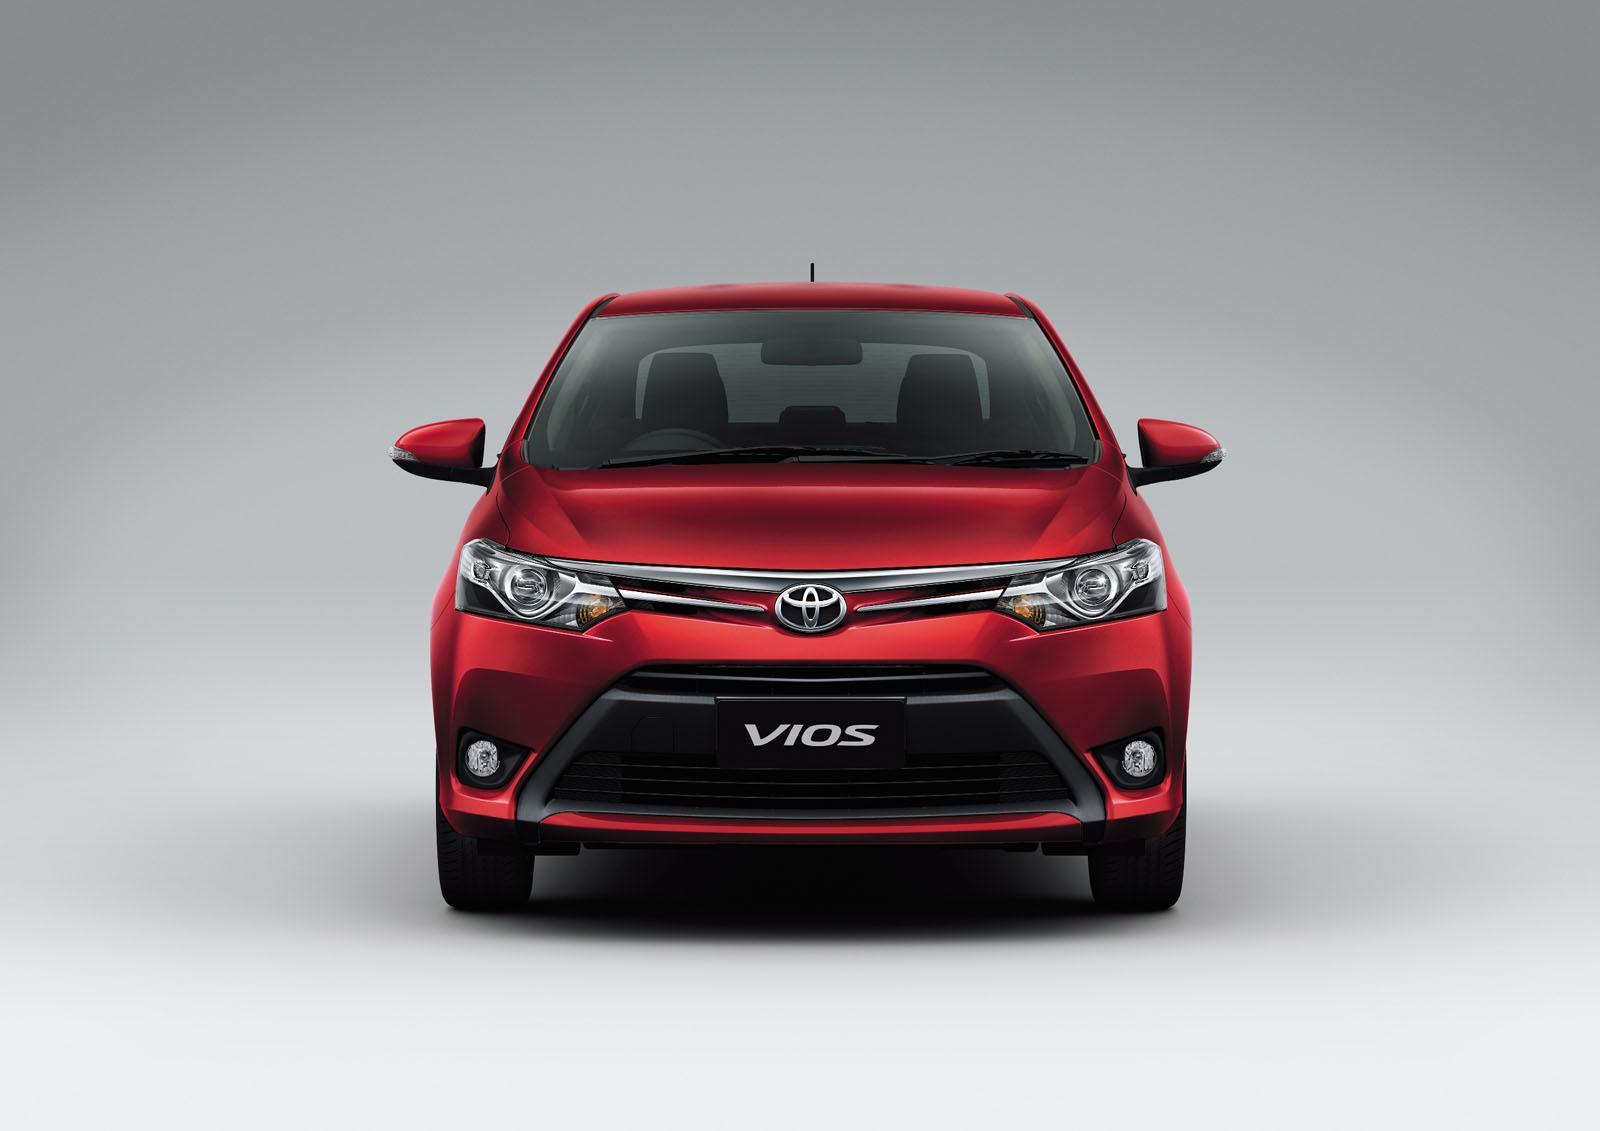 novo Toyota Vios 2014 dianteira